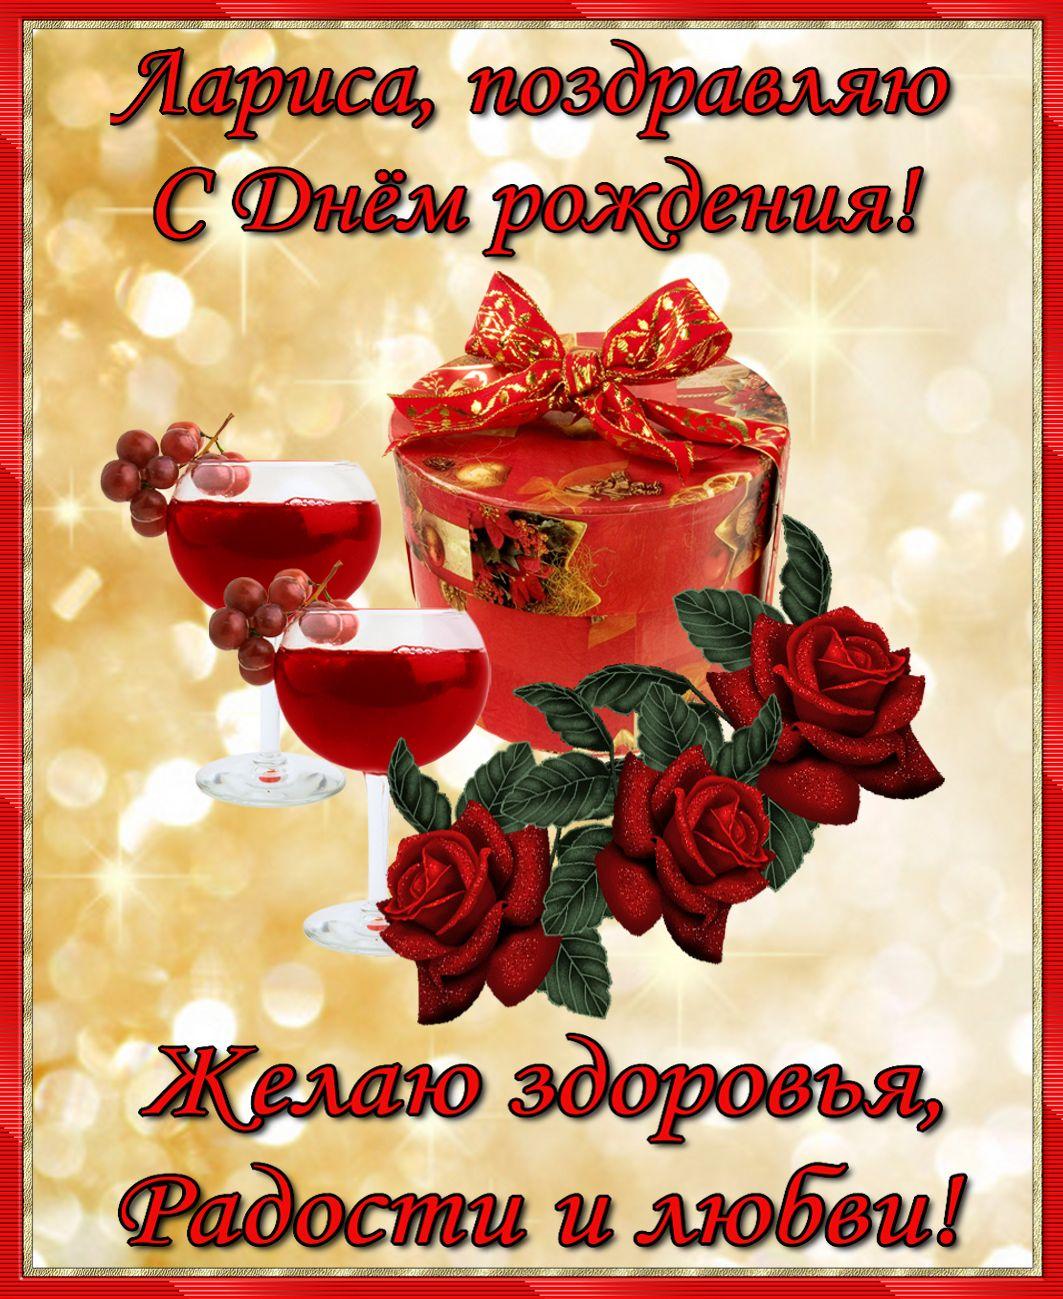 открытка на День рождения Ларисе - розы и подарок в красной рамке